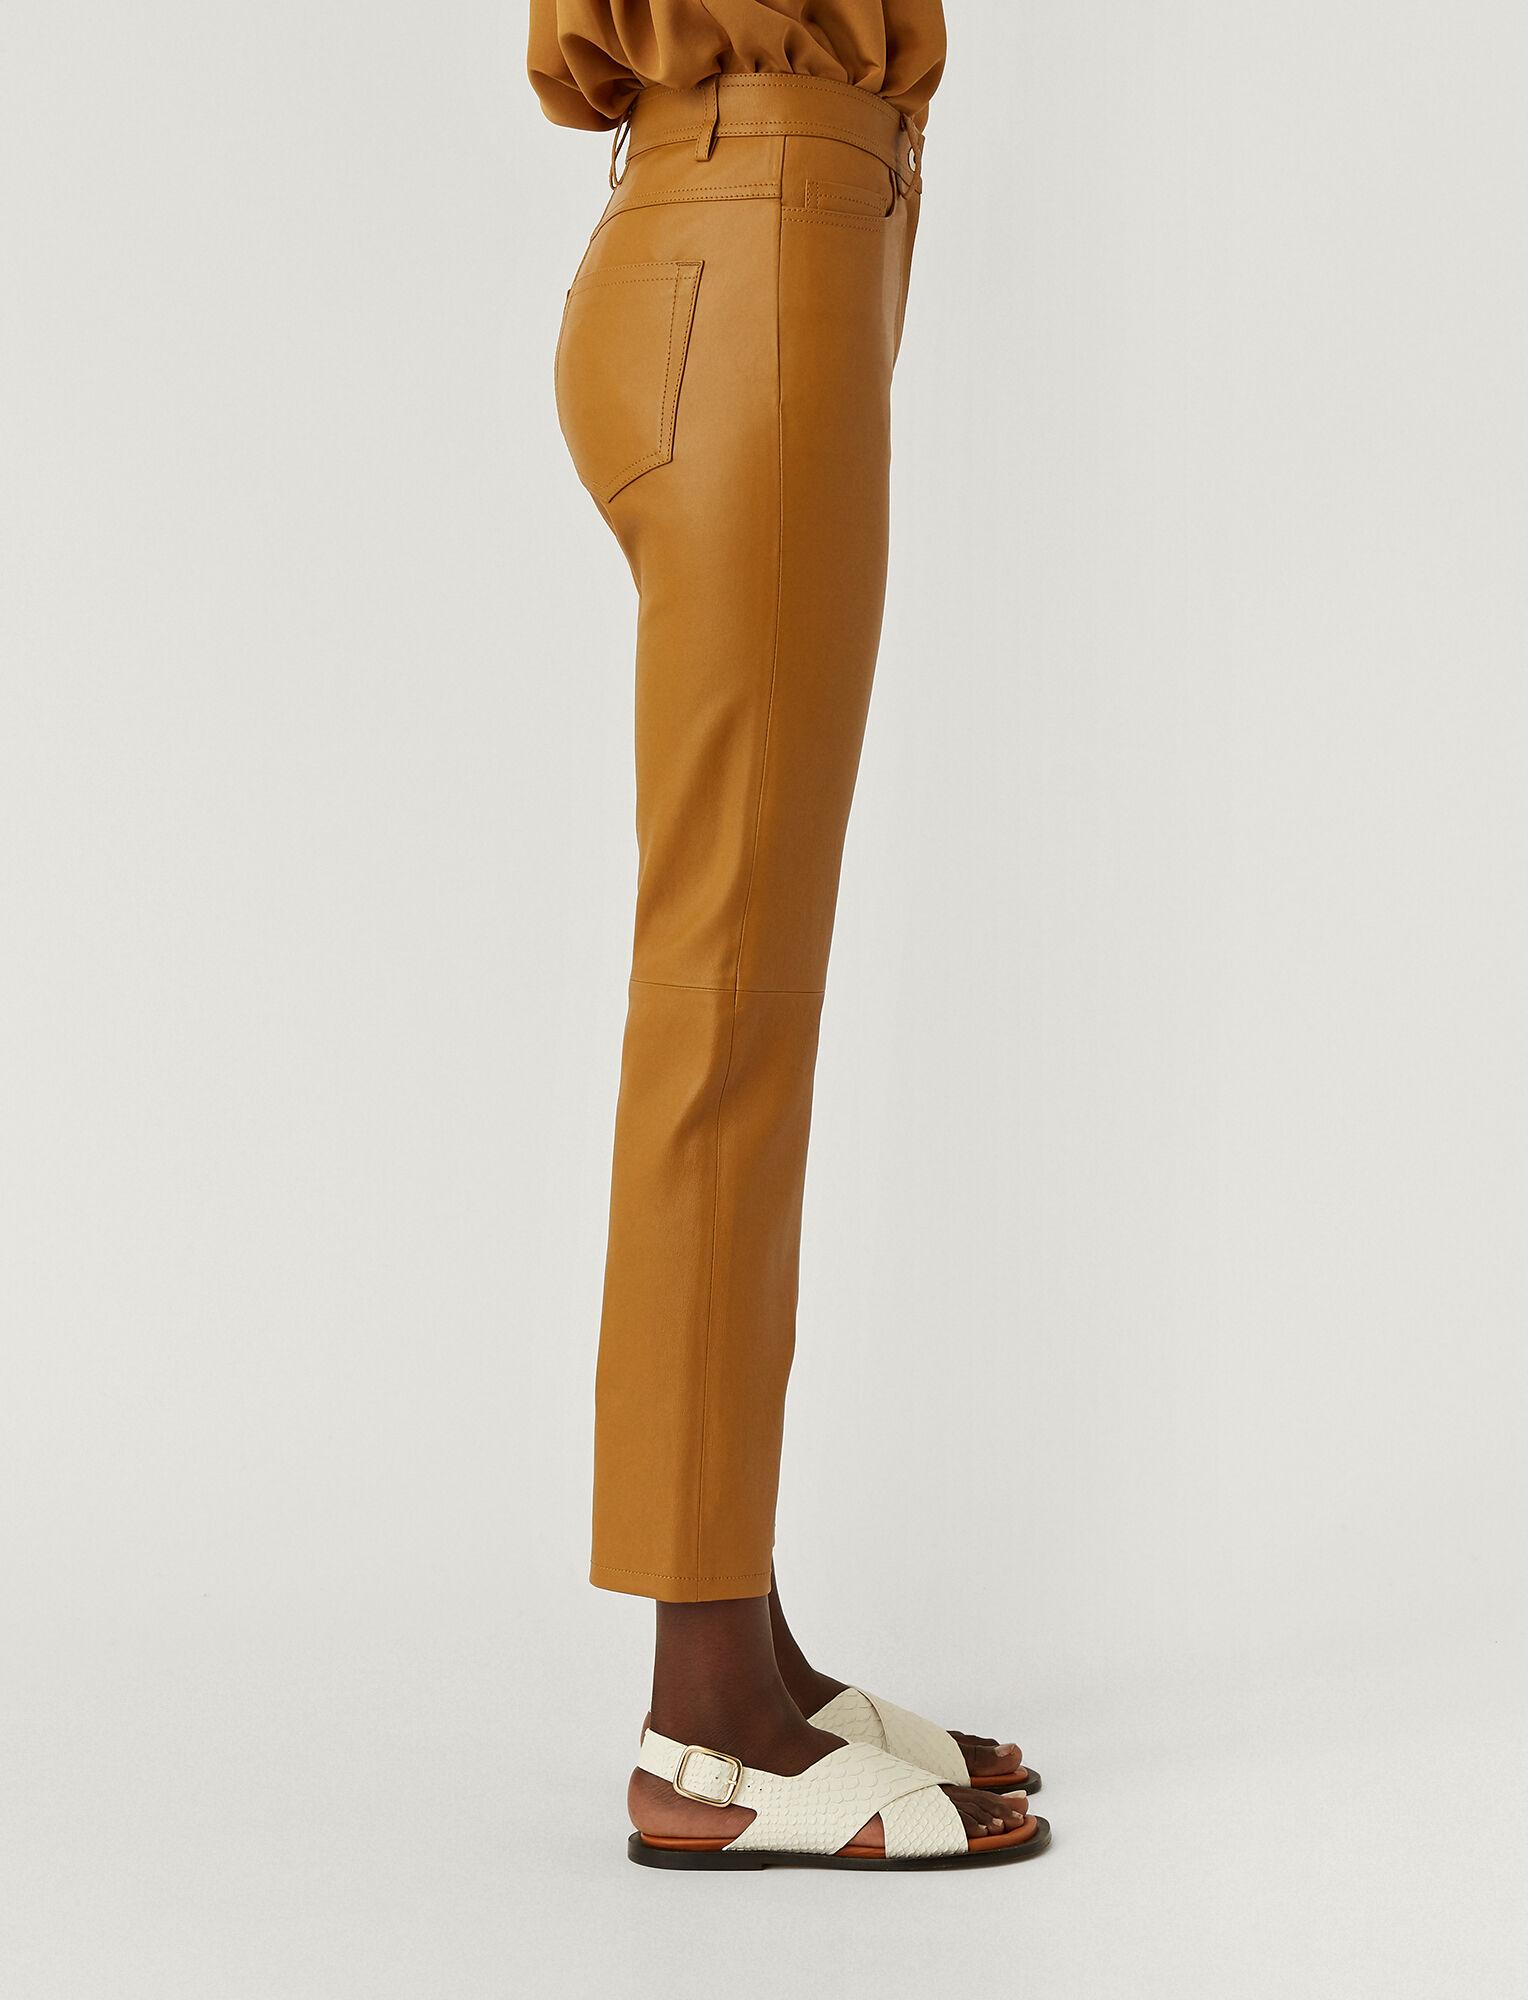 Joseph, Leather Stretch Teddy Trousers, in OAK